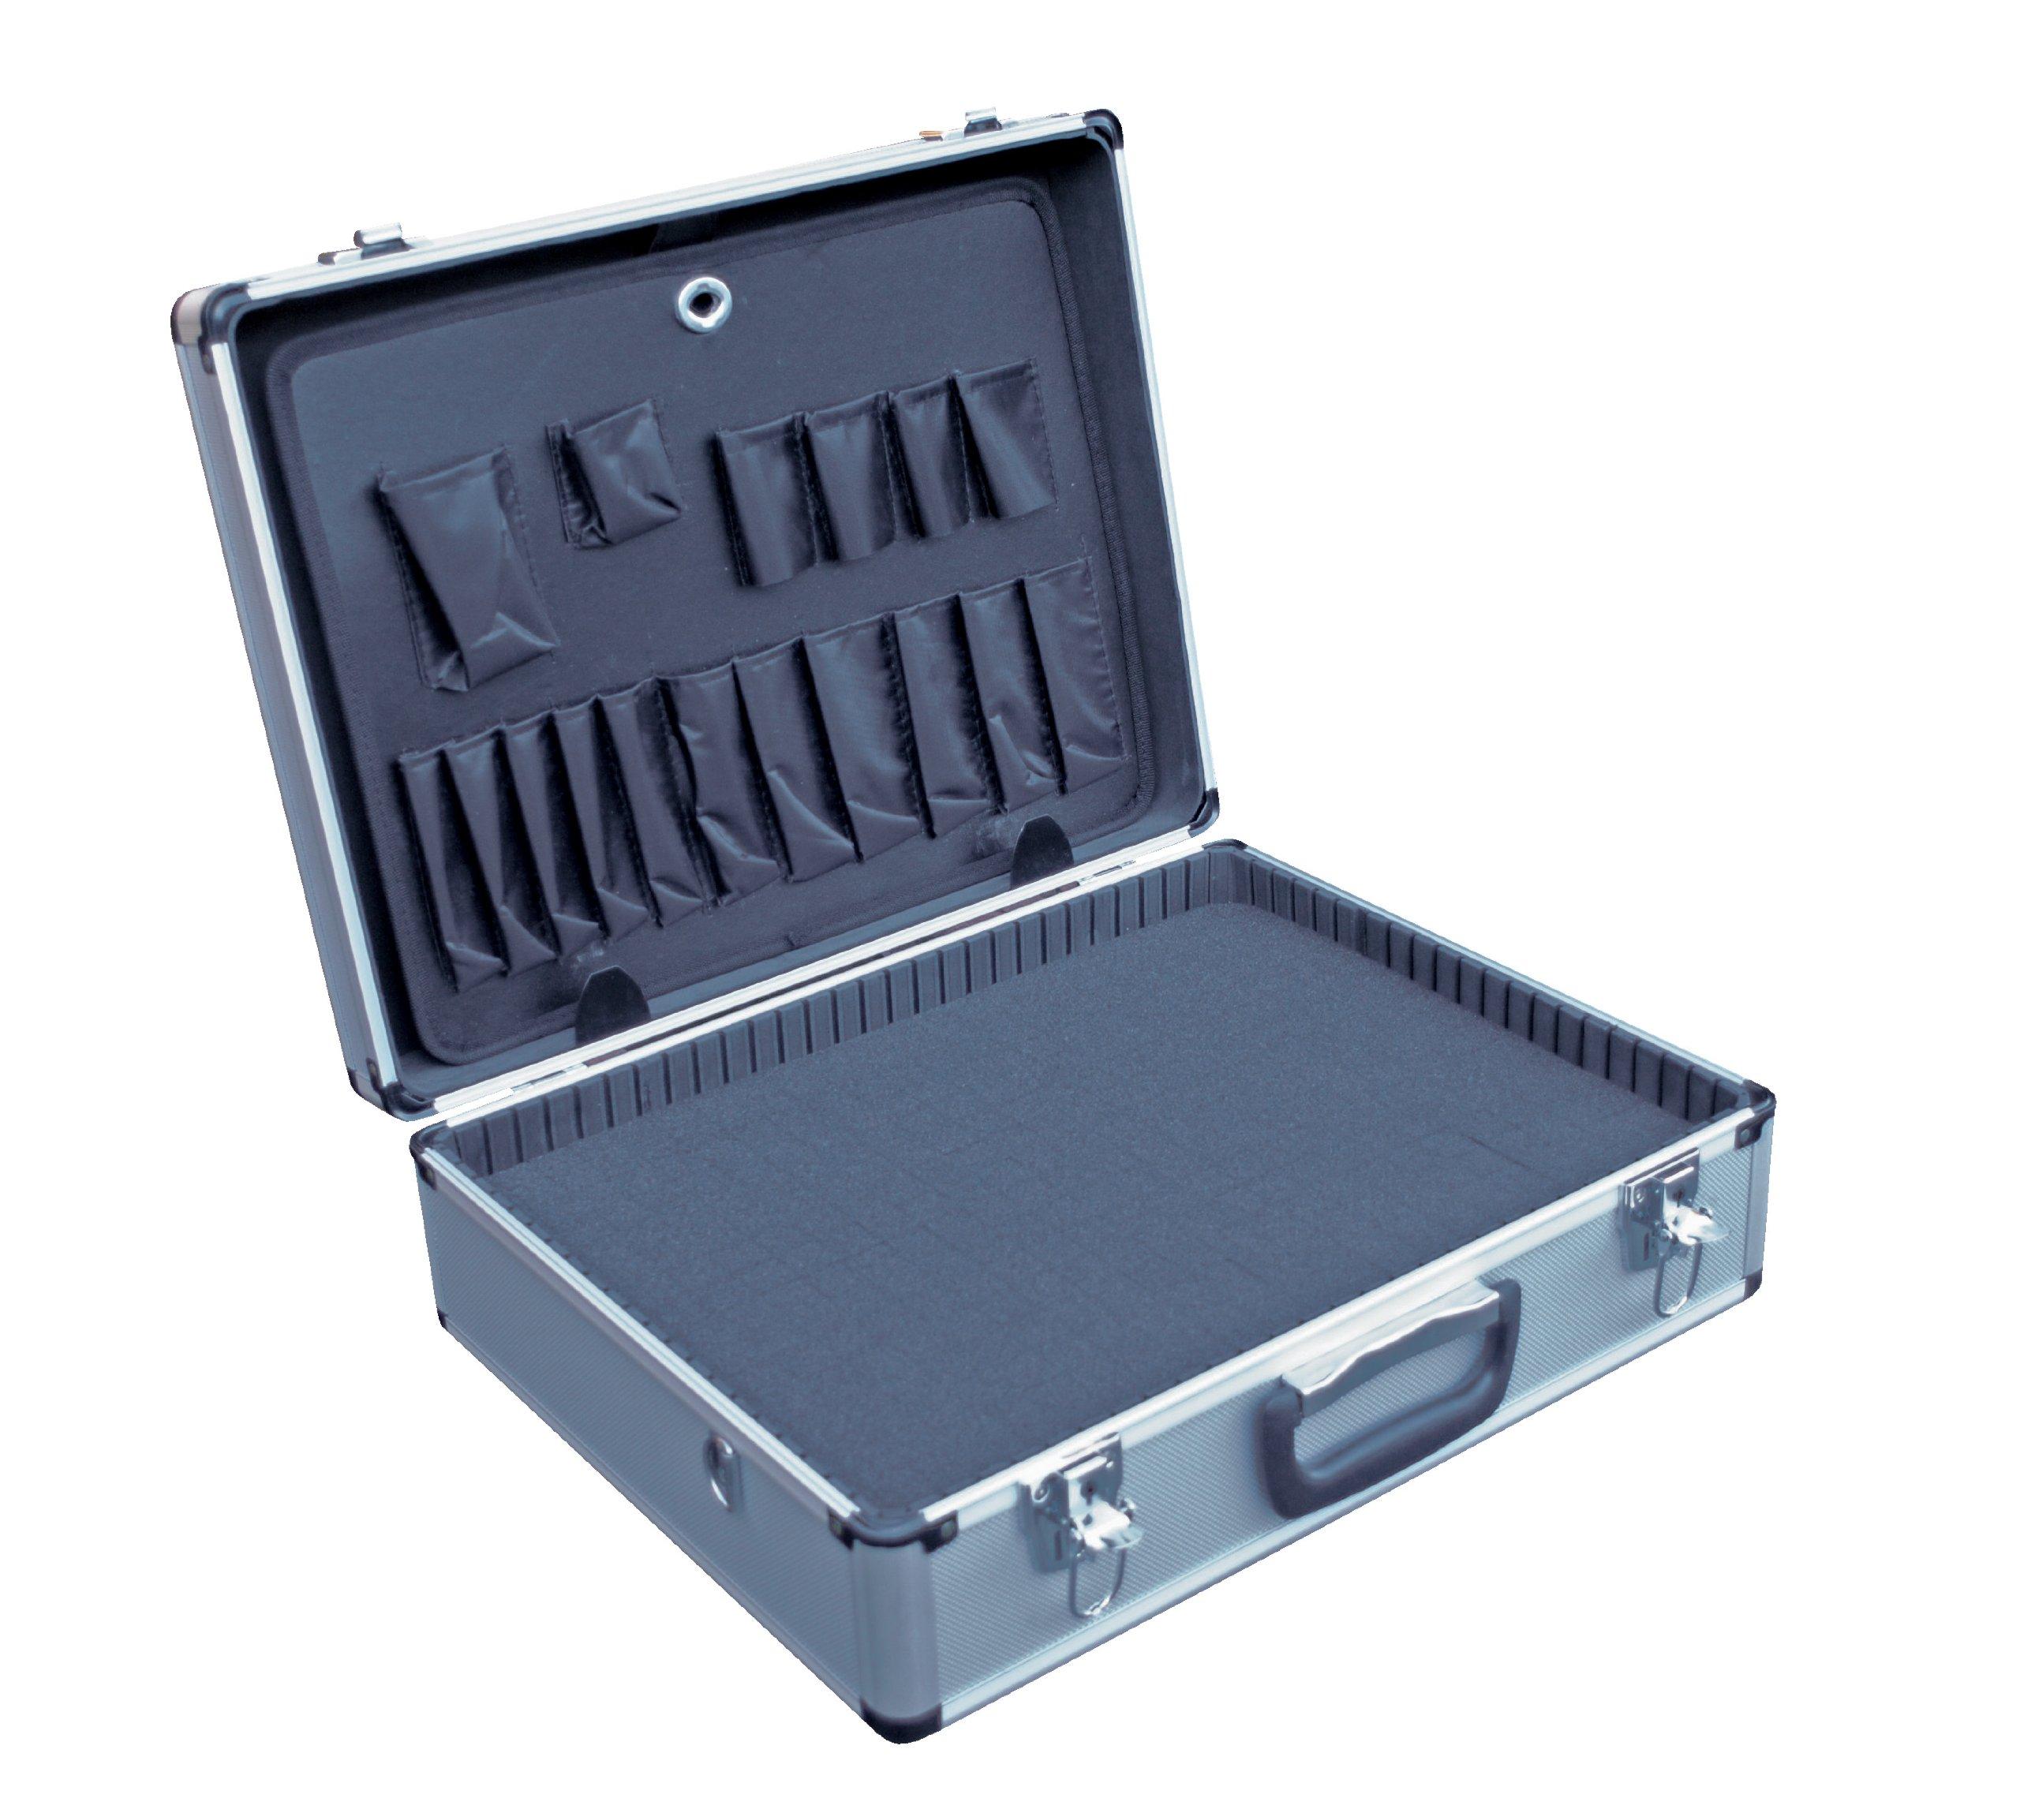 Vestil CASE-1814-FM Aluminum Tool Case - Foam Insert, 14'' Length X 18'' Width X 6'' Height, 6 lbs. by Vestil (Image #1)